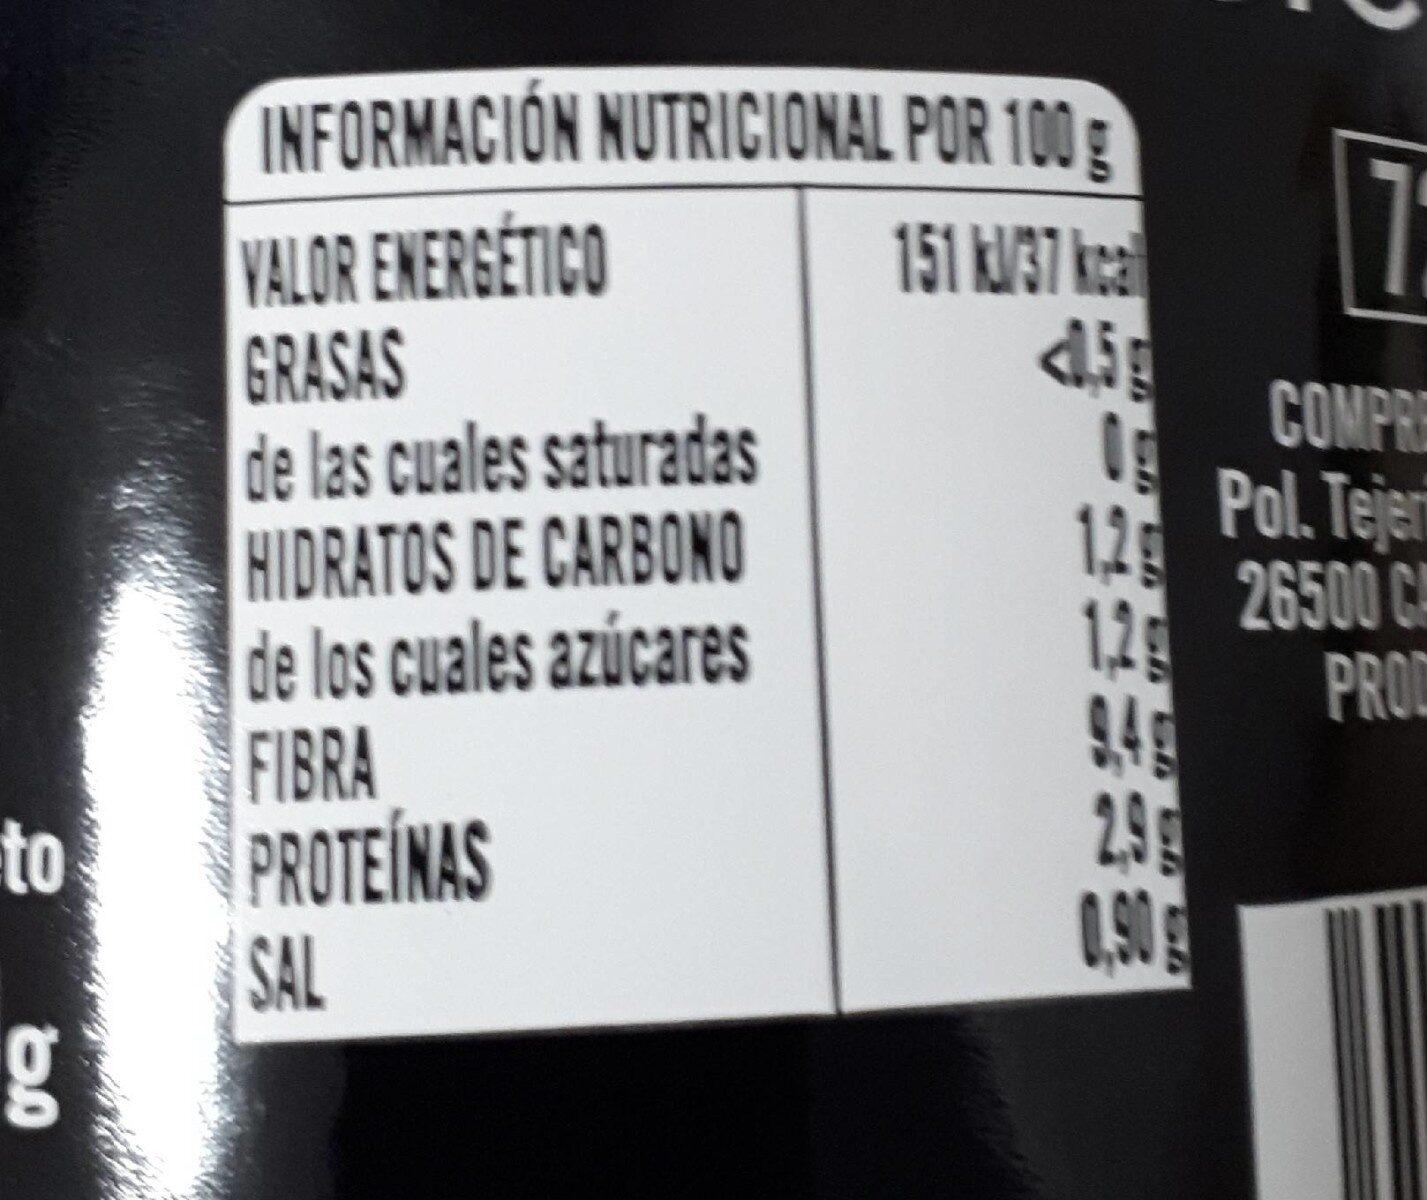 Corazones de alcachofas - Nutrition facts - en